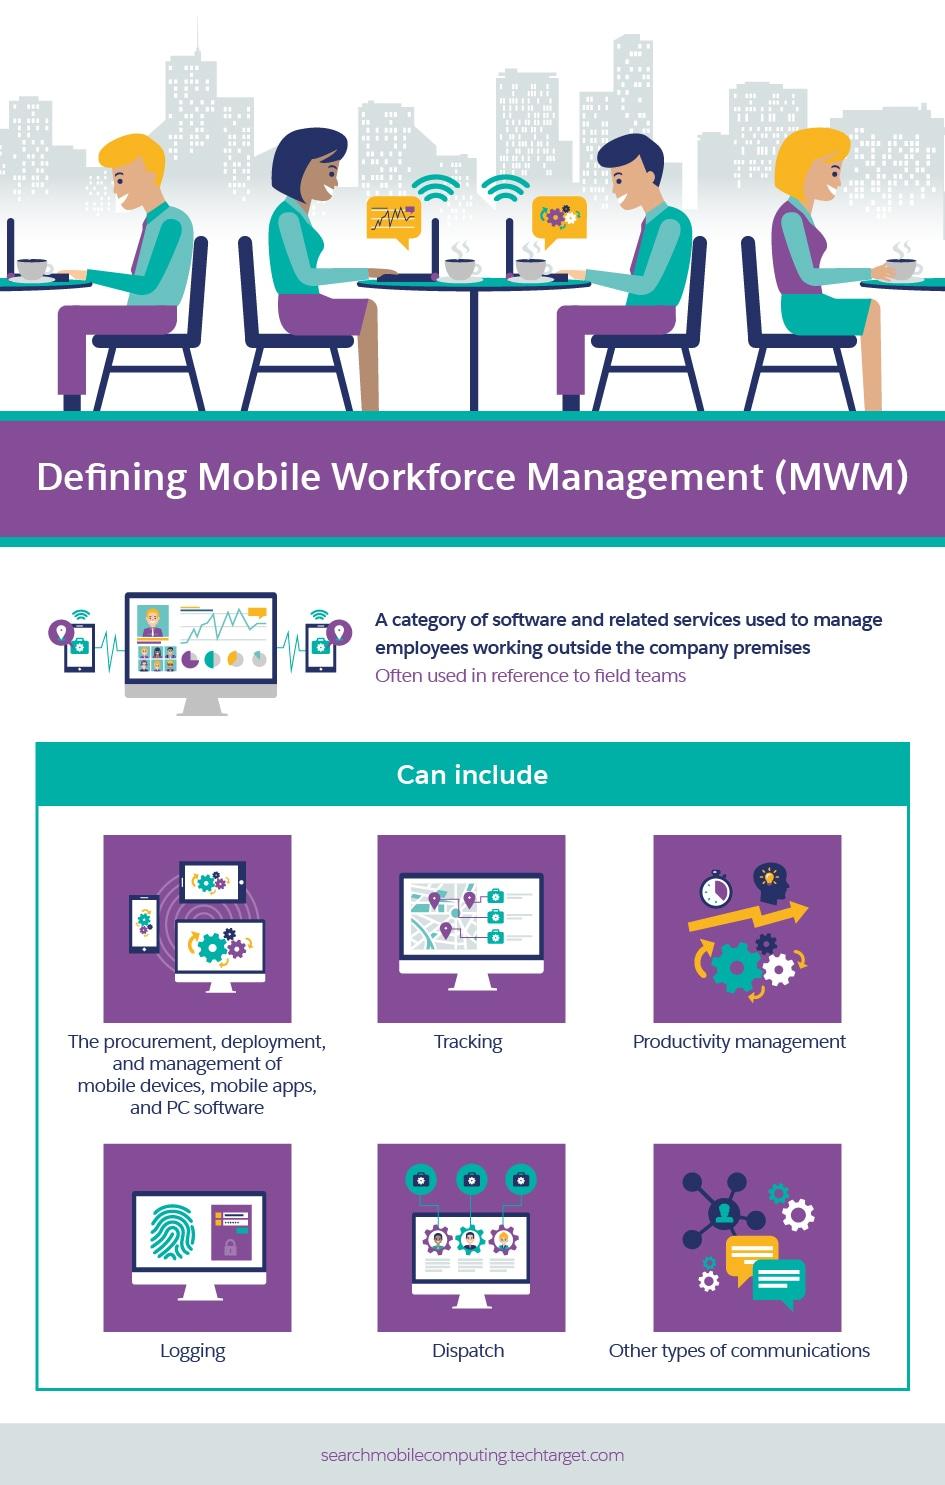 Defining Mobile Workforce Management